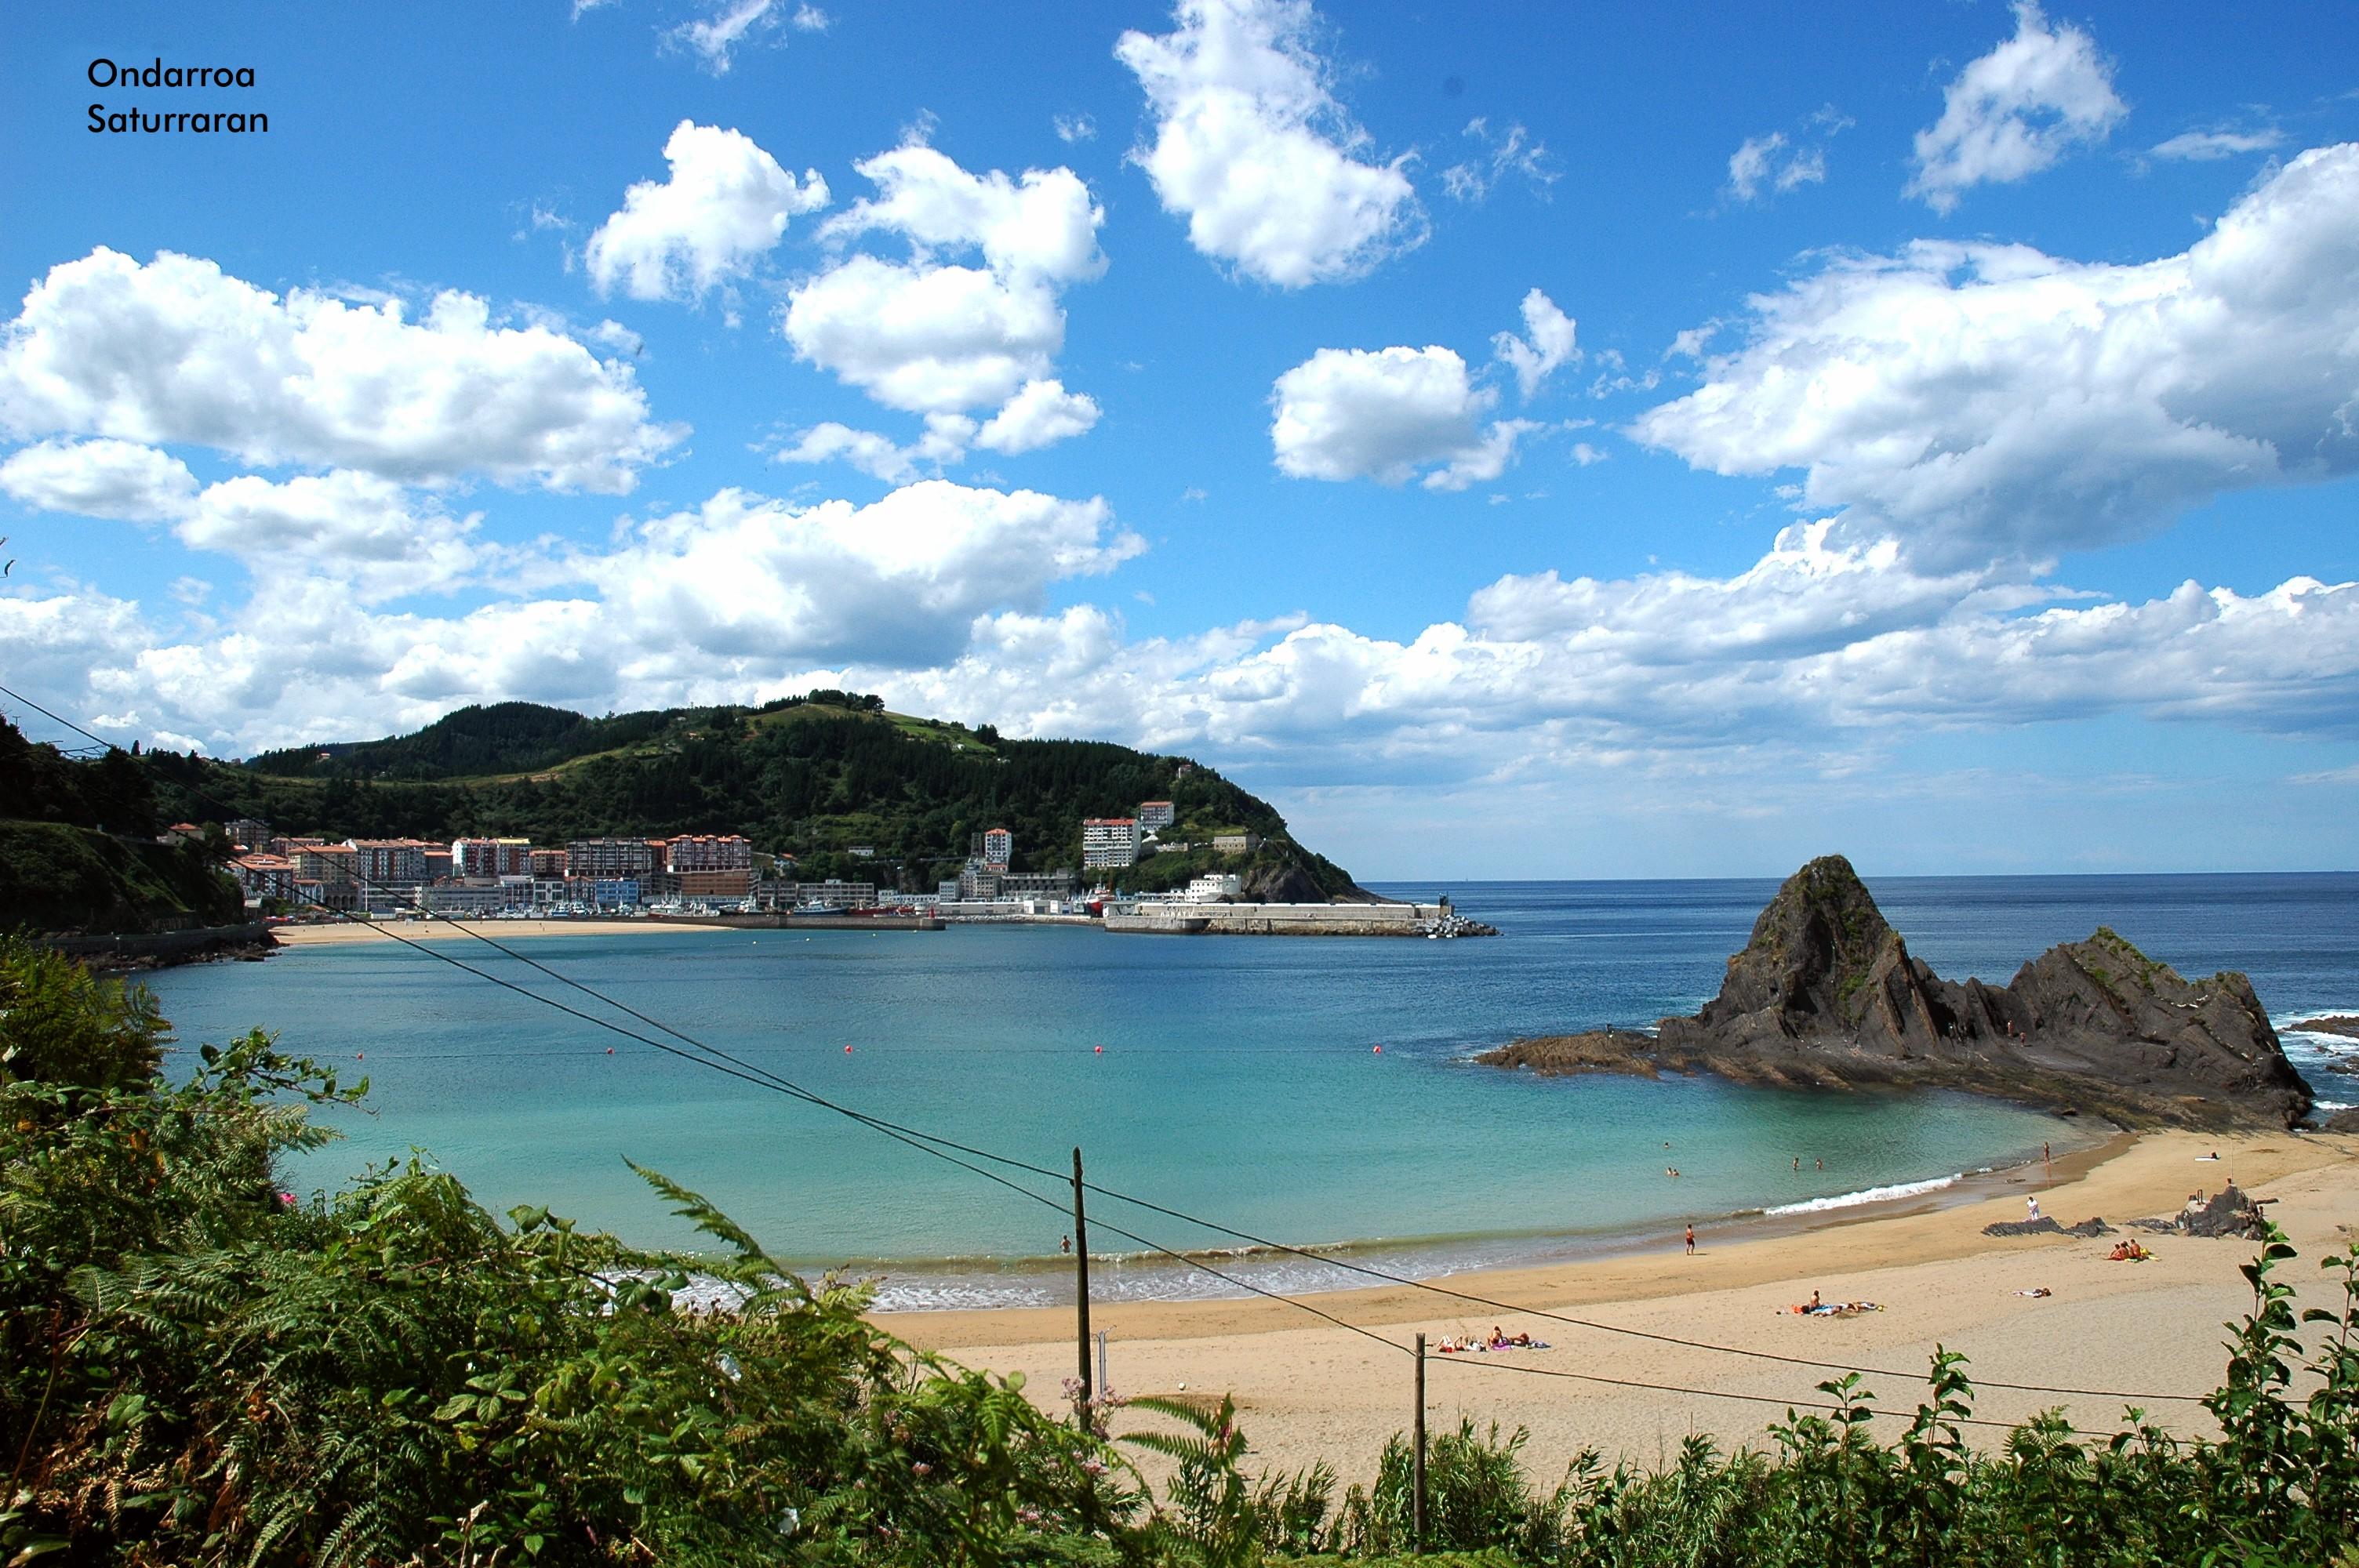 Foto playa Siete Playas / Zazpi Hondartzak. Playa de Saturraran (Bilbao)